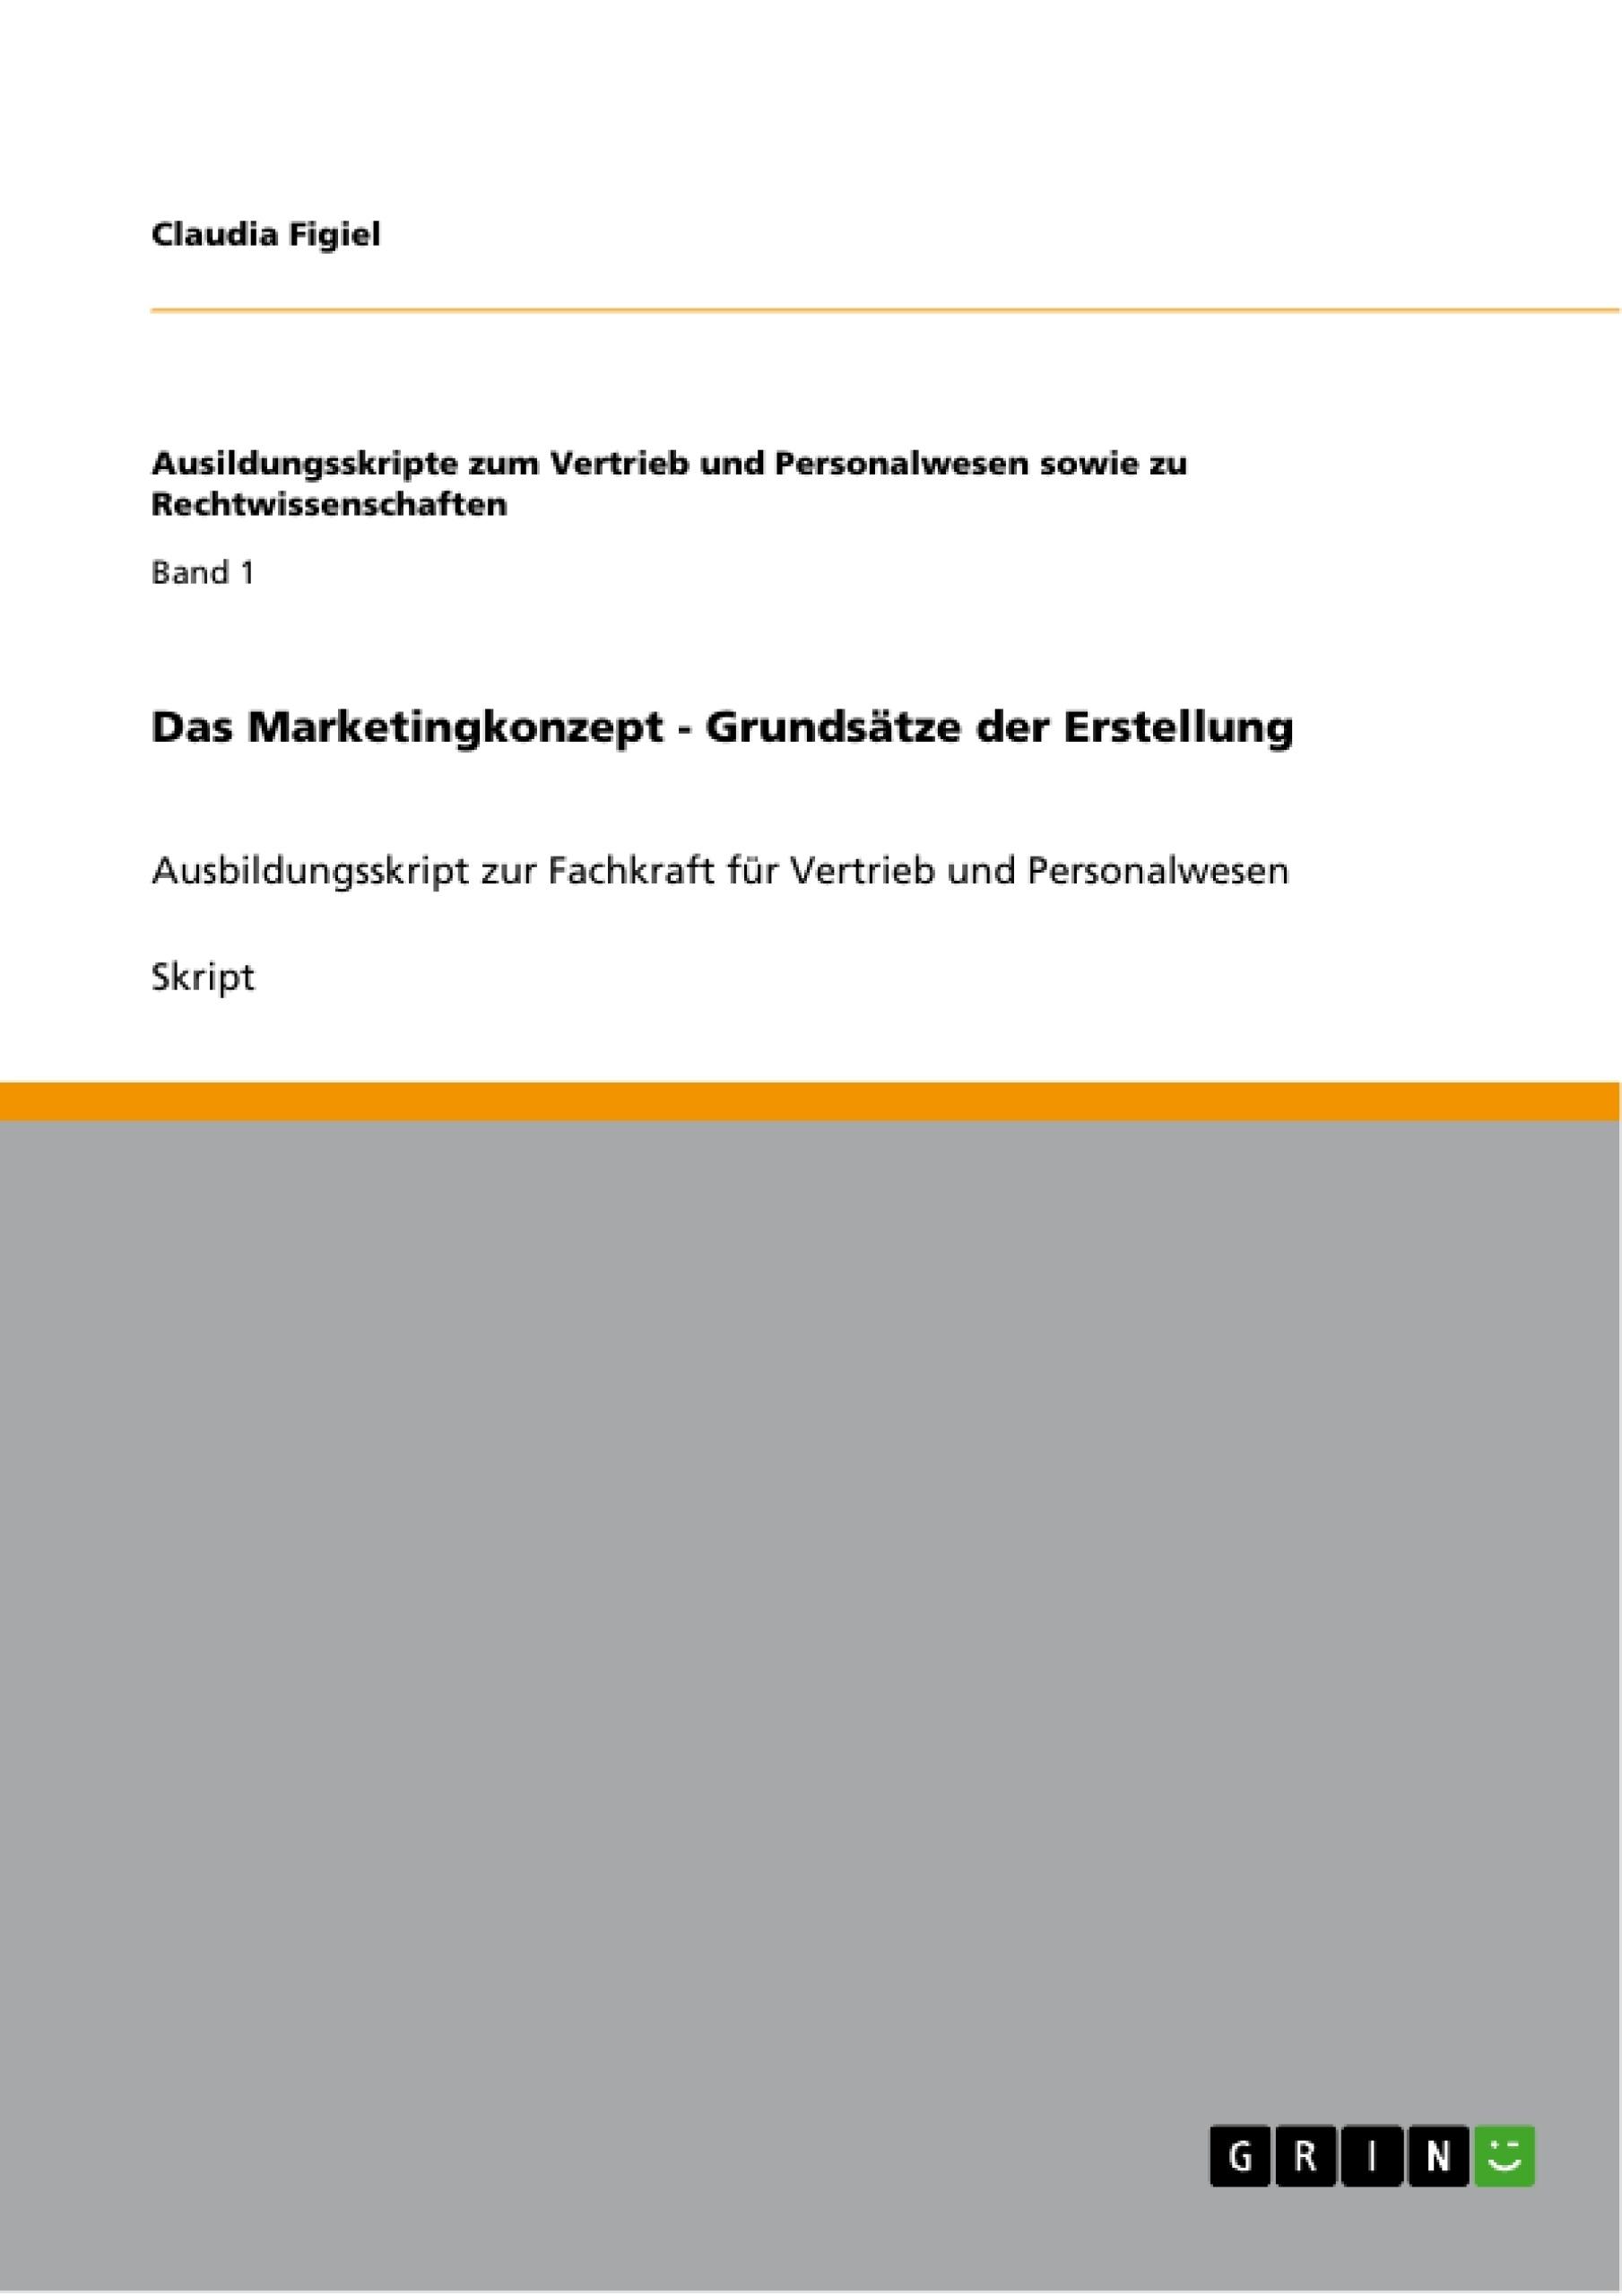 Titel: Das Marketingkonzept - Grundsätze der Erstellung